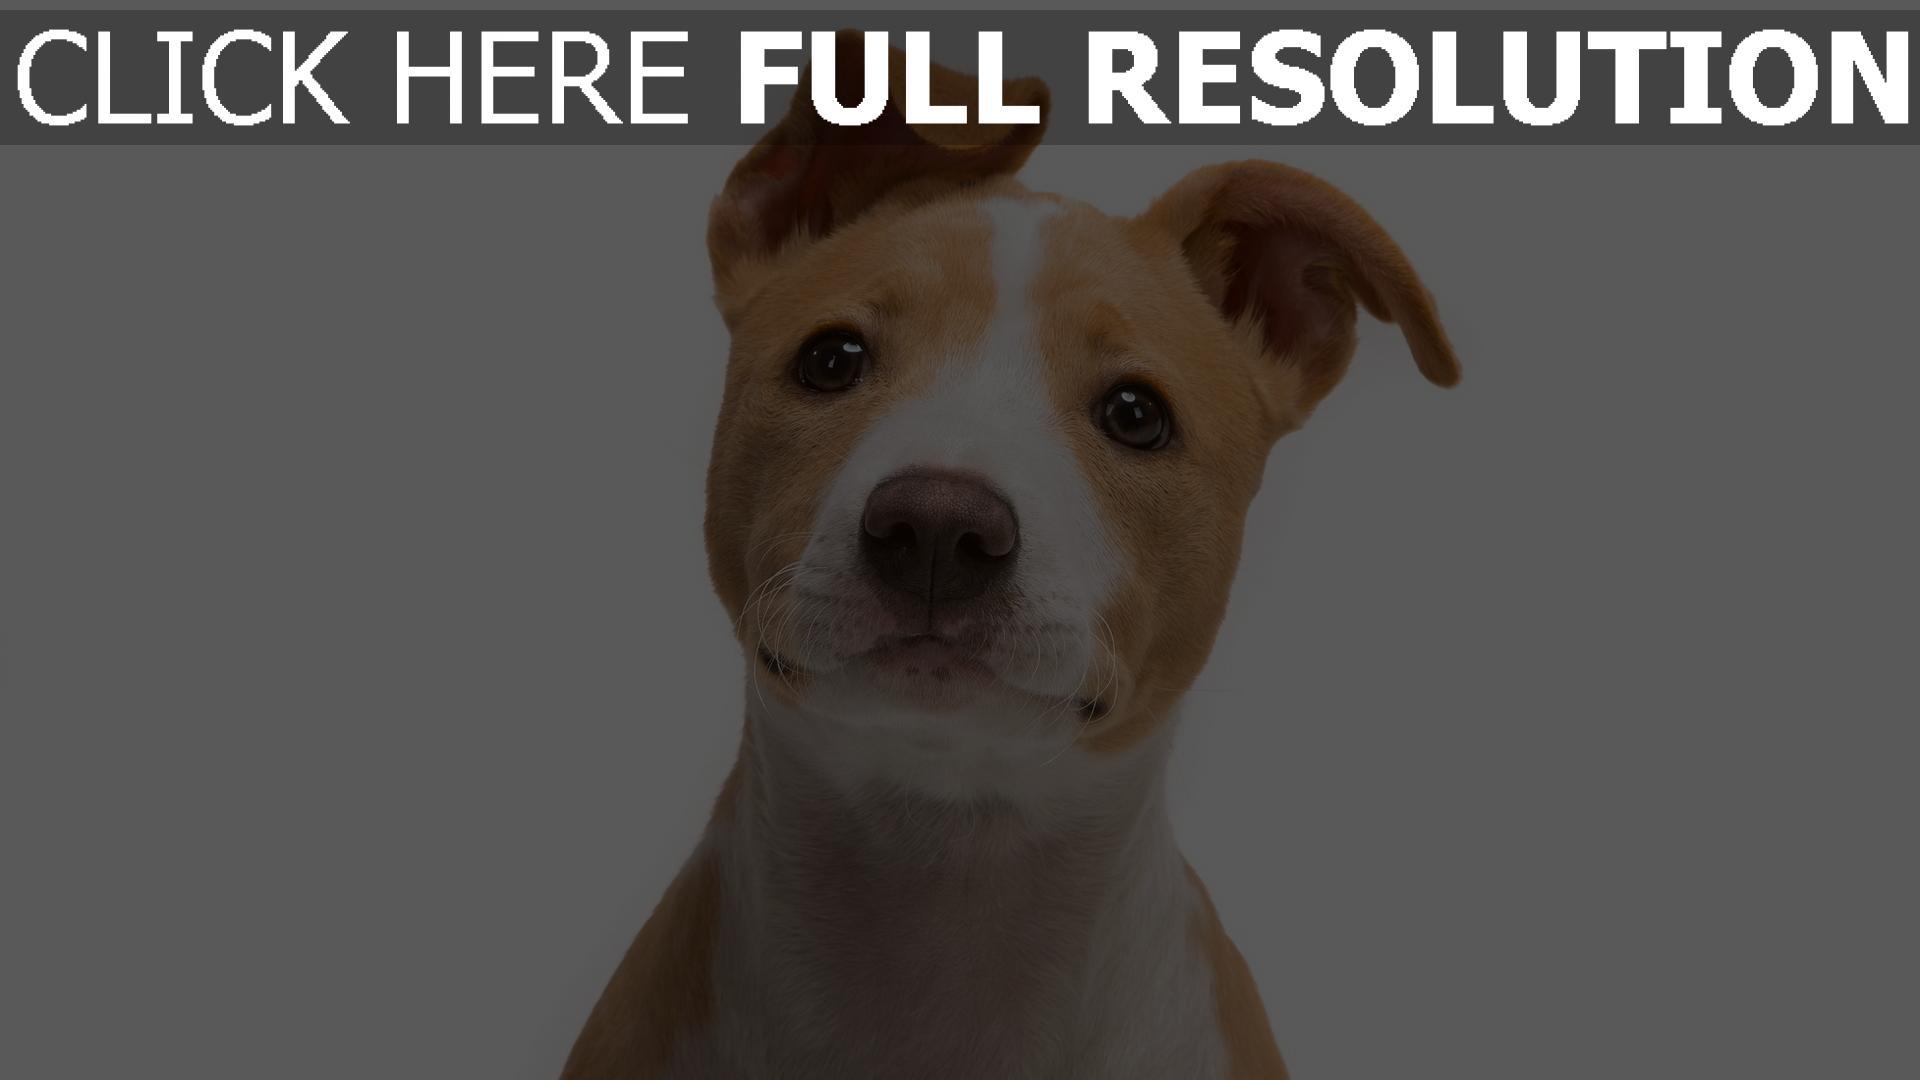 fond d'écran 1920x1080 chien museau attentif vue de face